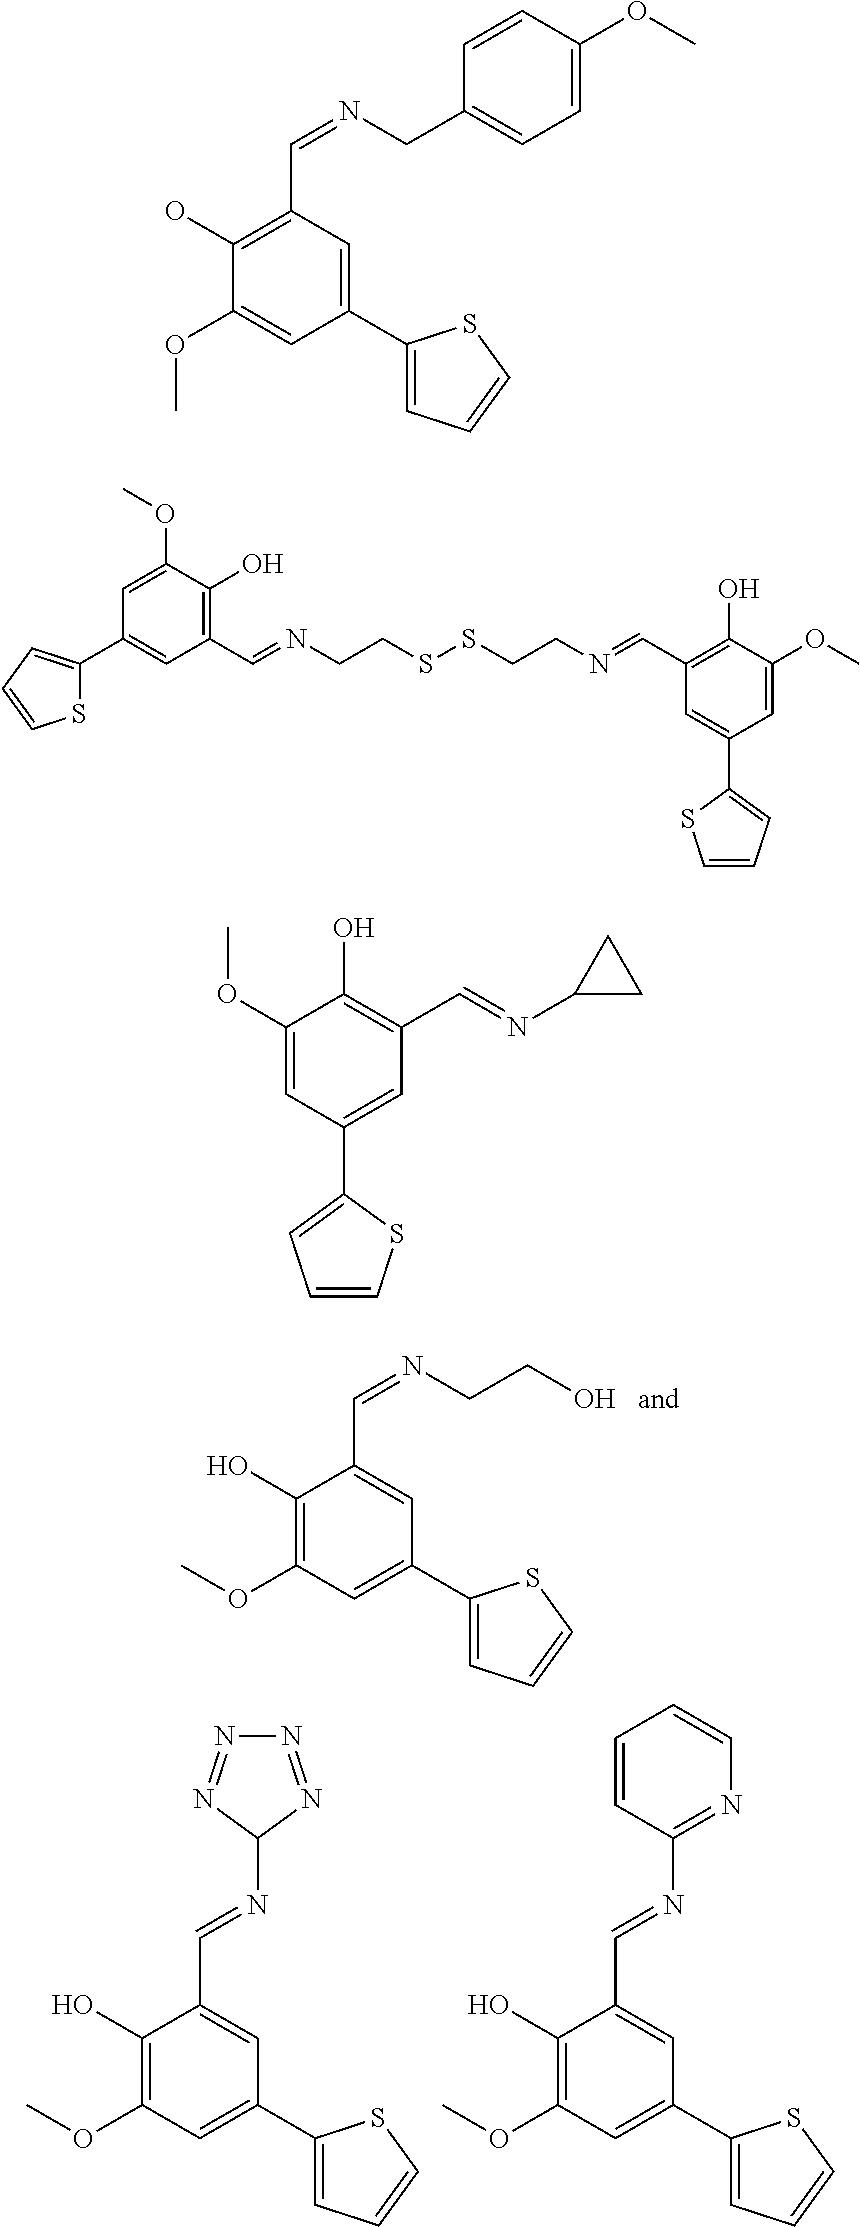 Figure US20110065162A1-20110317-C00142